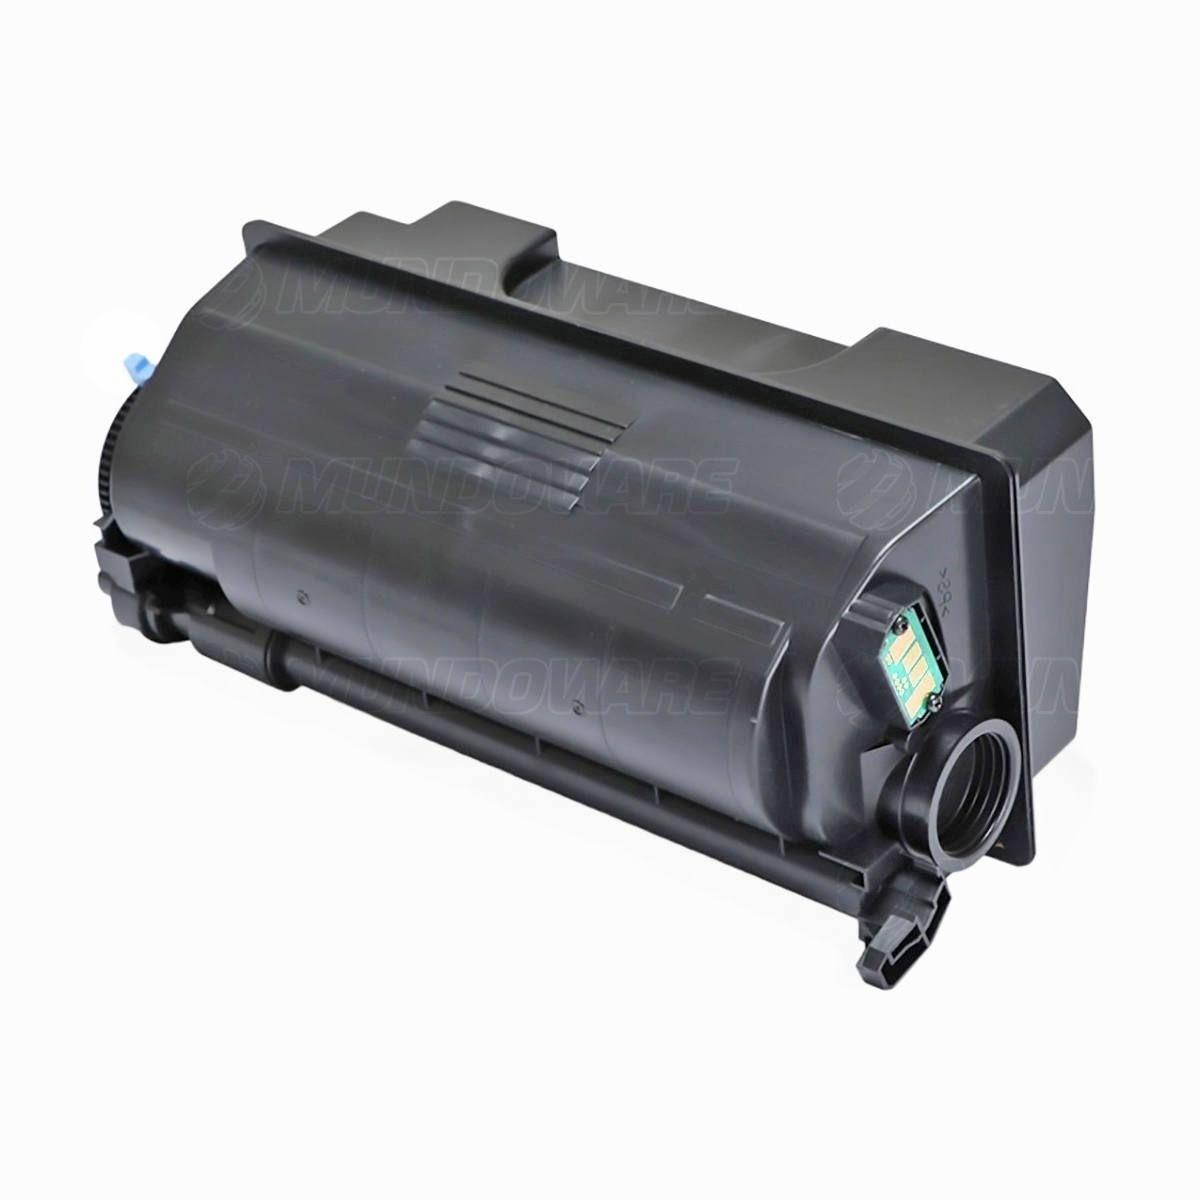 Toner Compatível com TK-3122 3122 | FS4200 FS-4200DN M-3550IDN | Com Chip | Com Reservatório 21k